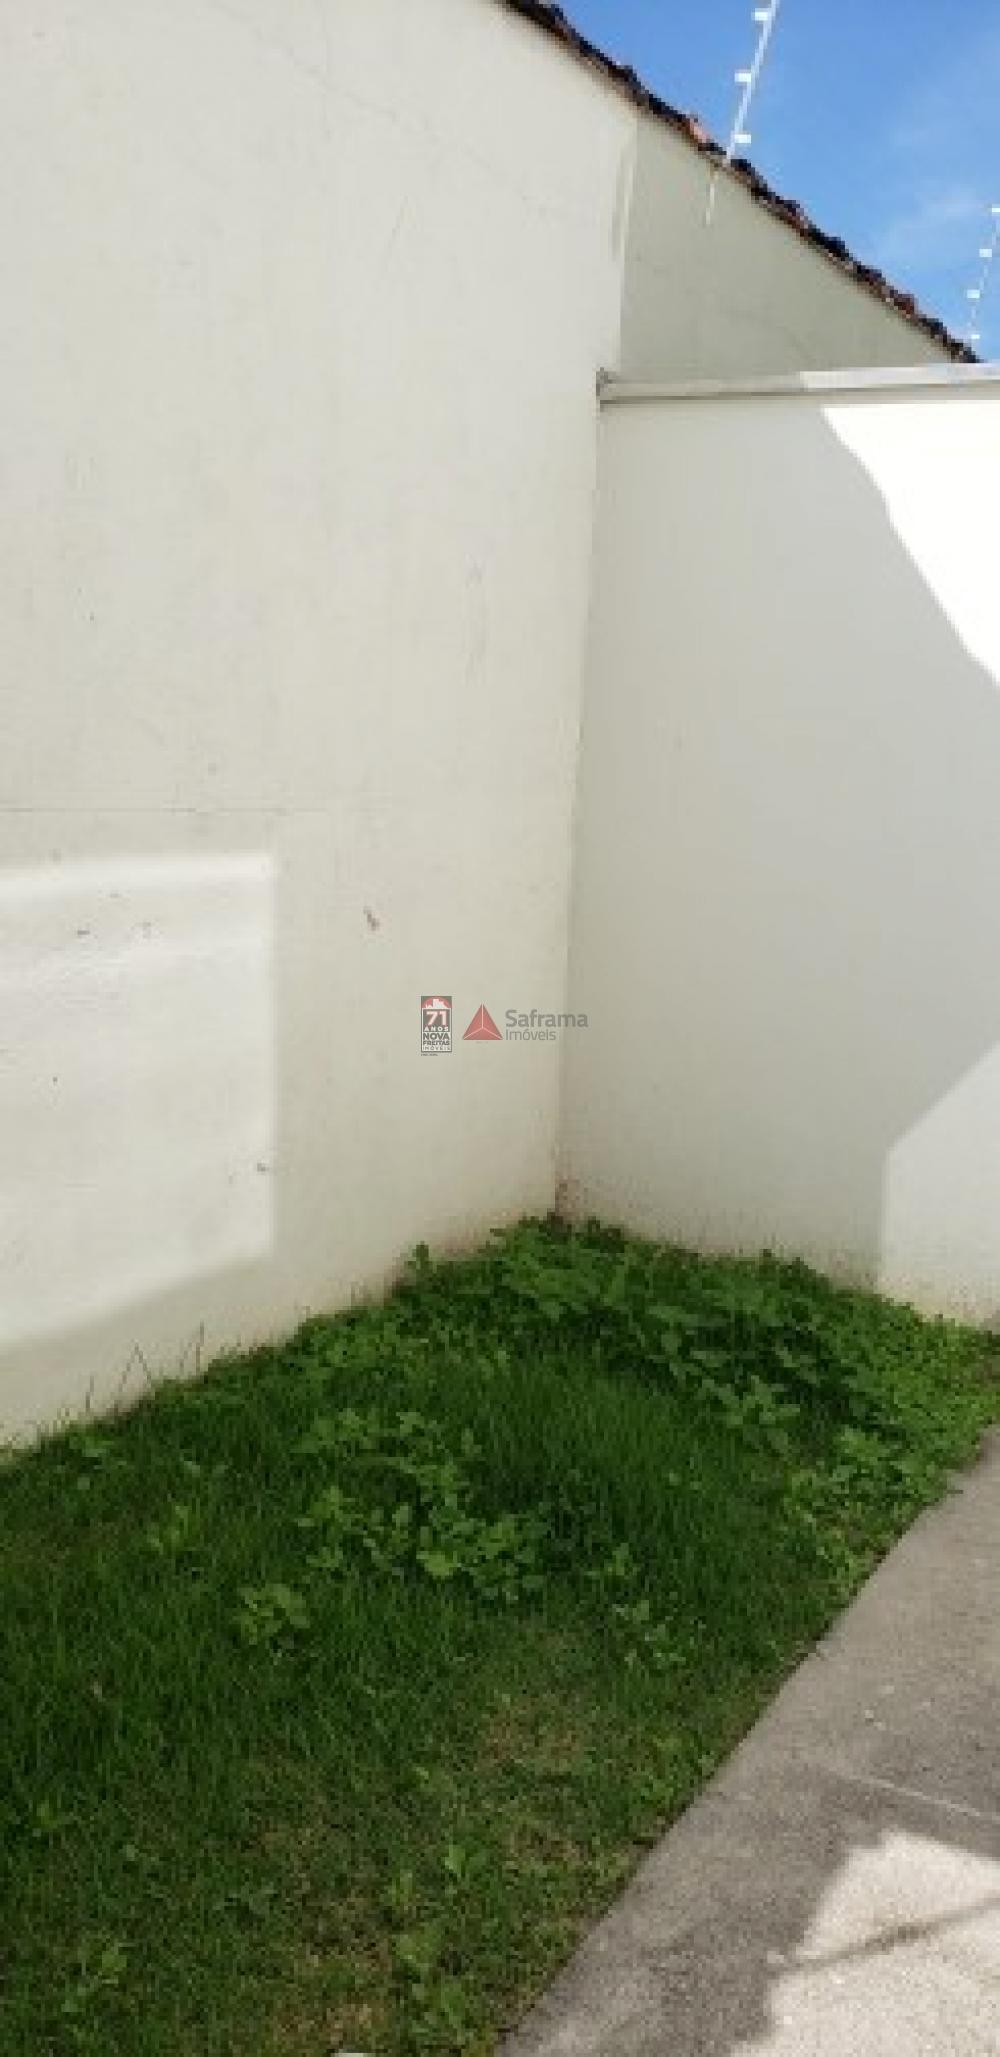 Comprar Casa / (Sobrado em condomínio) em Caraguatatuba apenas R$ 270.000,00 - Foto 11